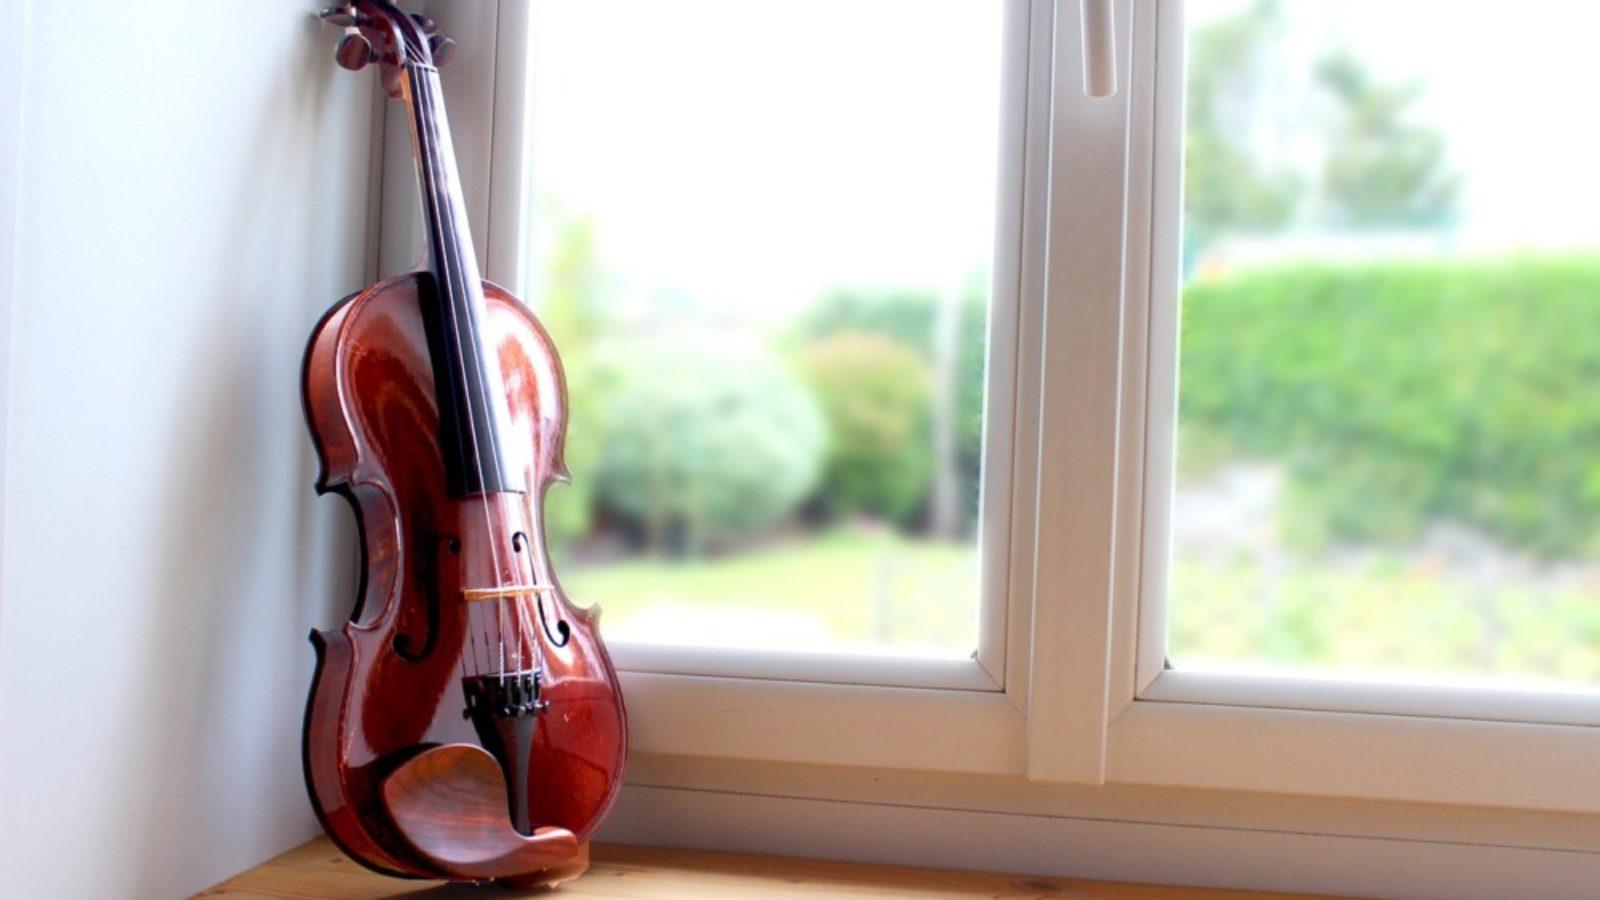 ヴァイオリンが登場するおすすめ映画を紹介するよ!【一度は見ておきたい名作はこれ】